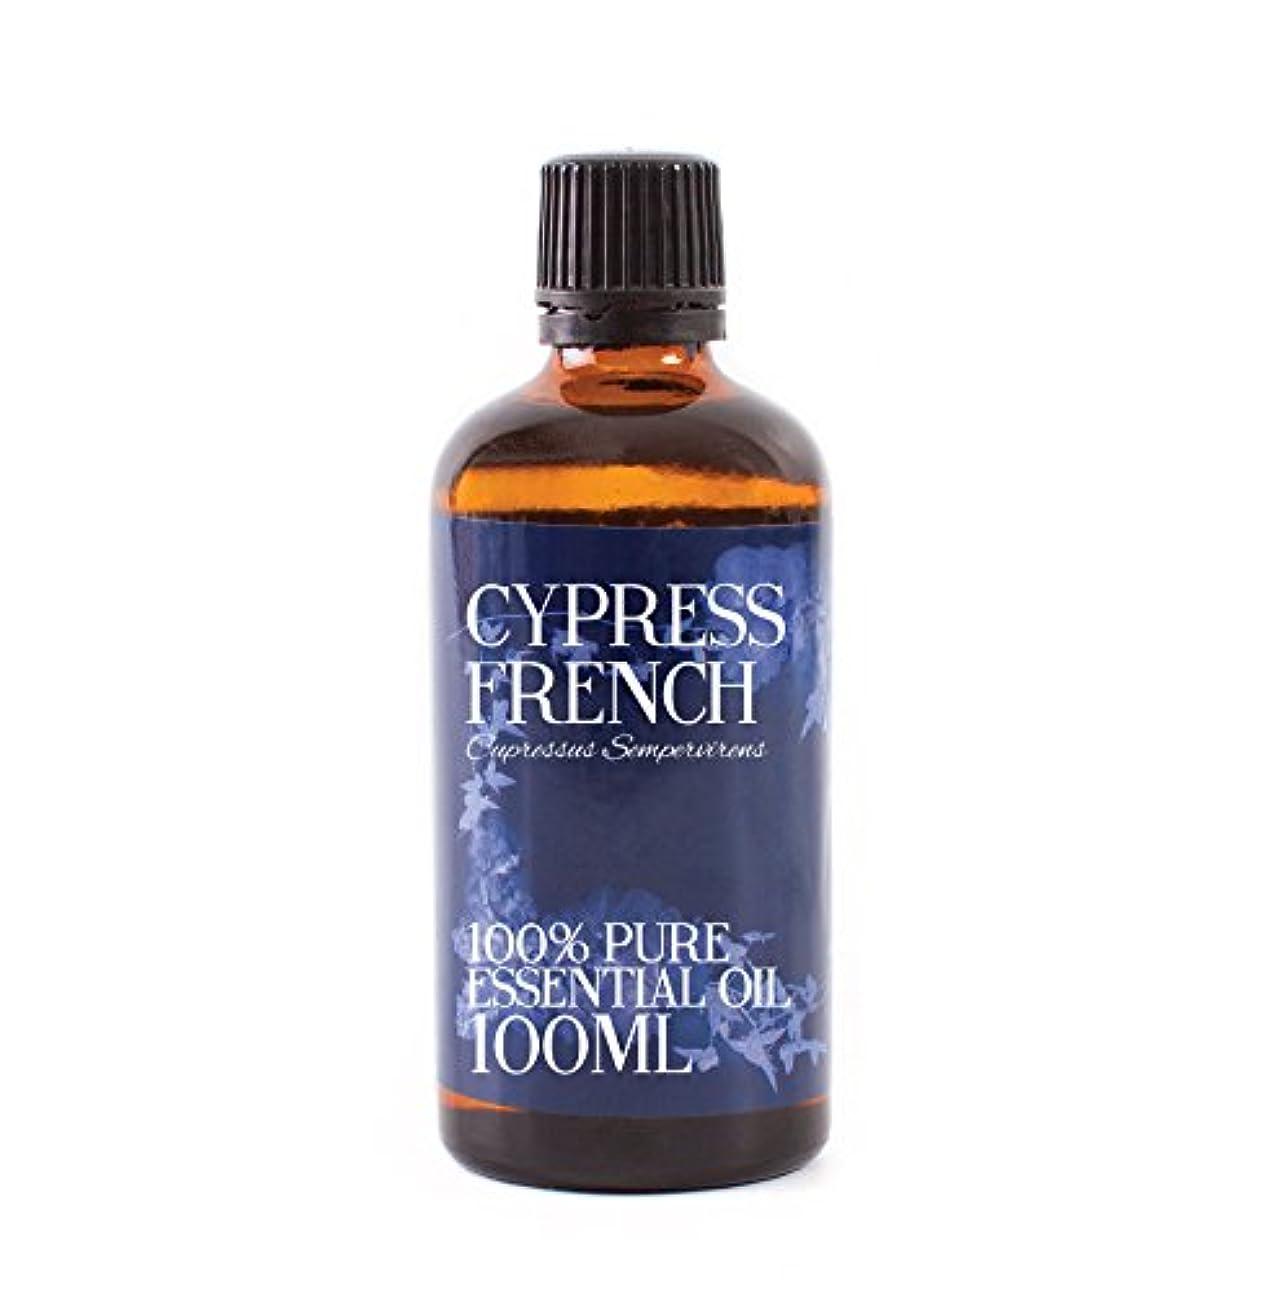 負重荷ポールMystic Moments | Cypress French Essential Oil - 100ml - 100% Pure